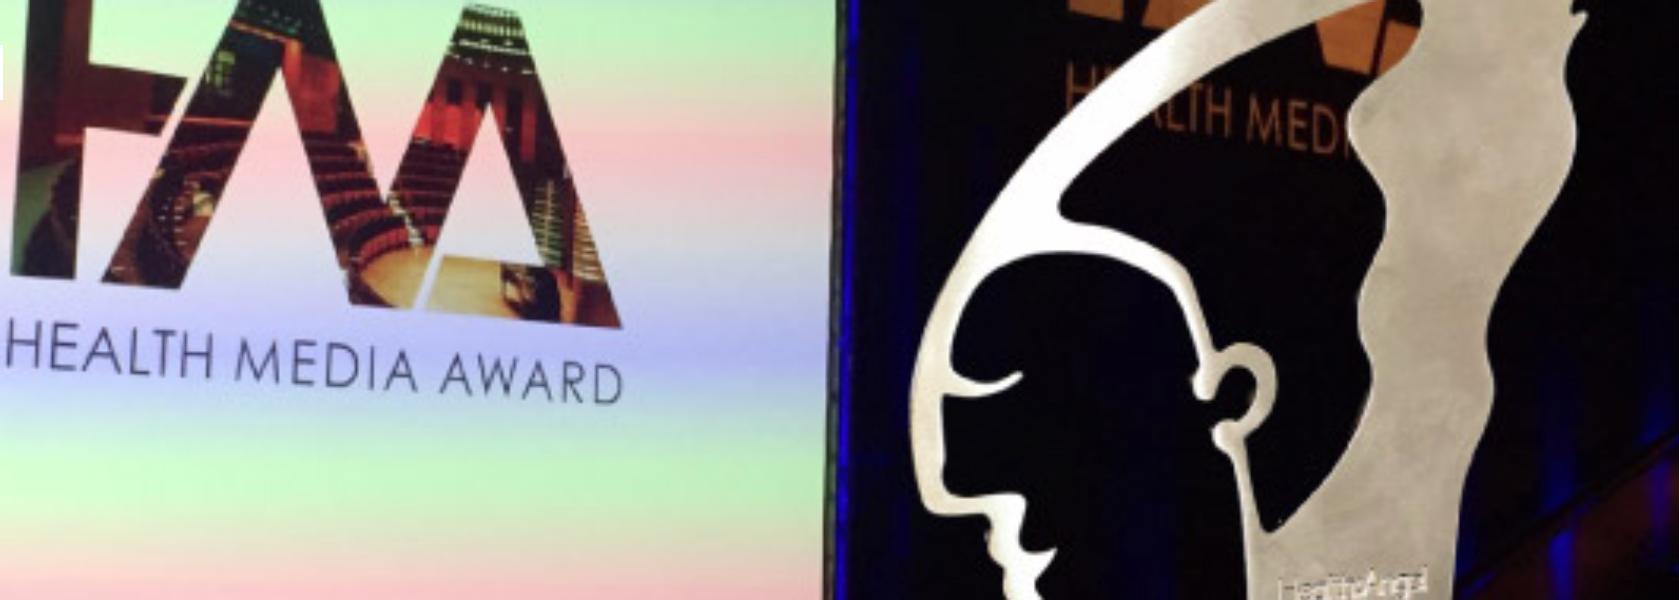 Uhura wins Health Media Award